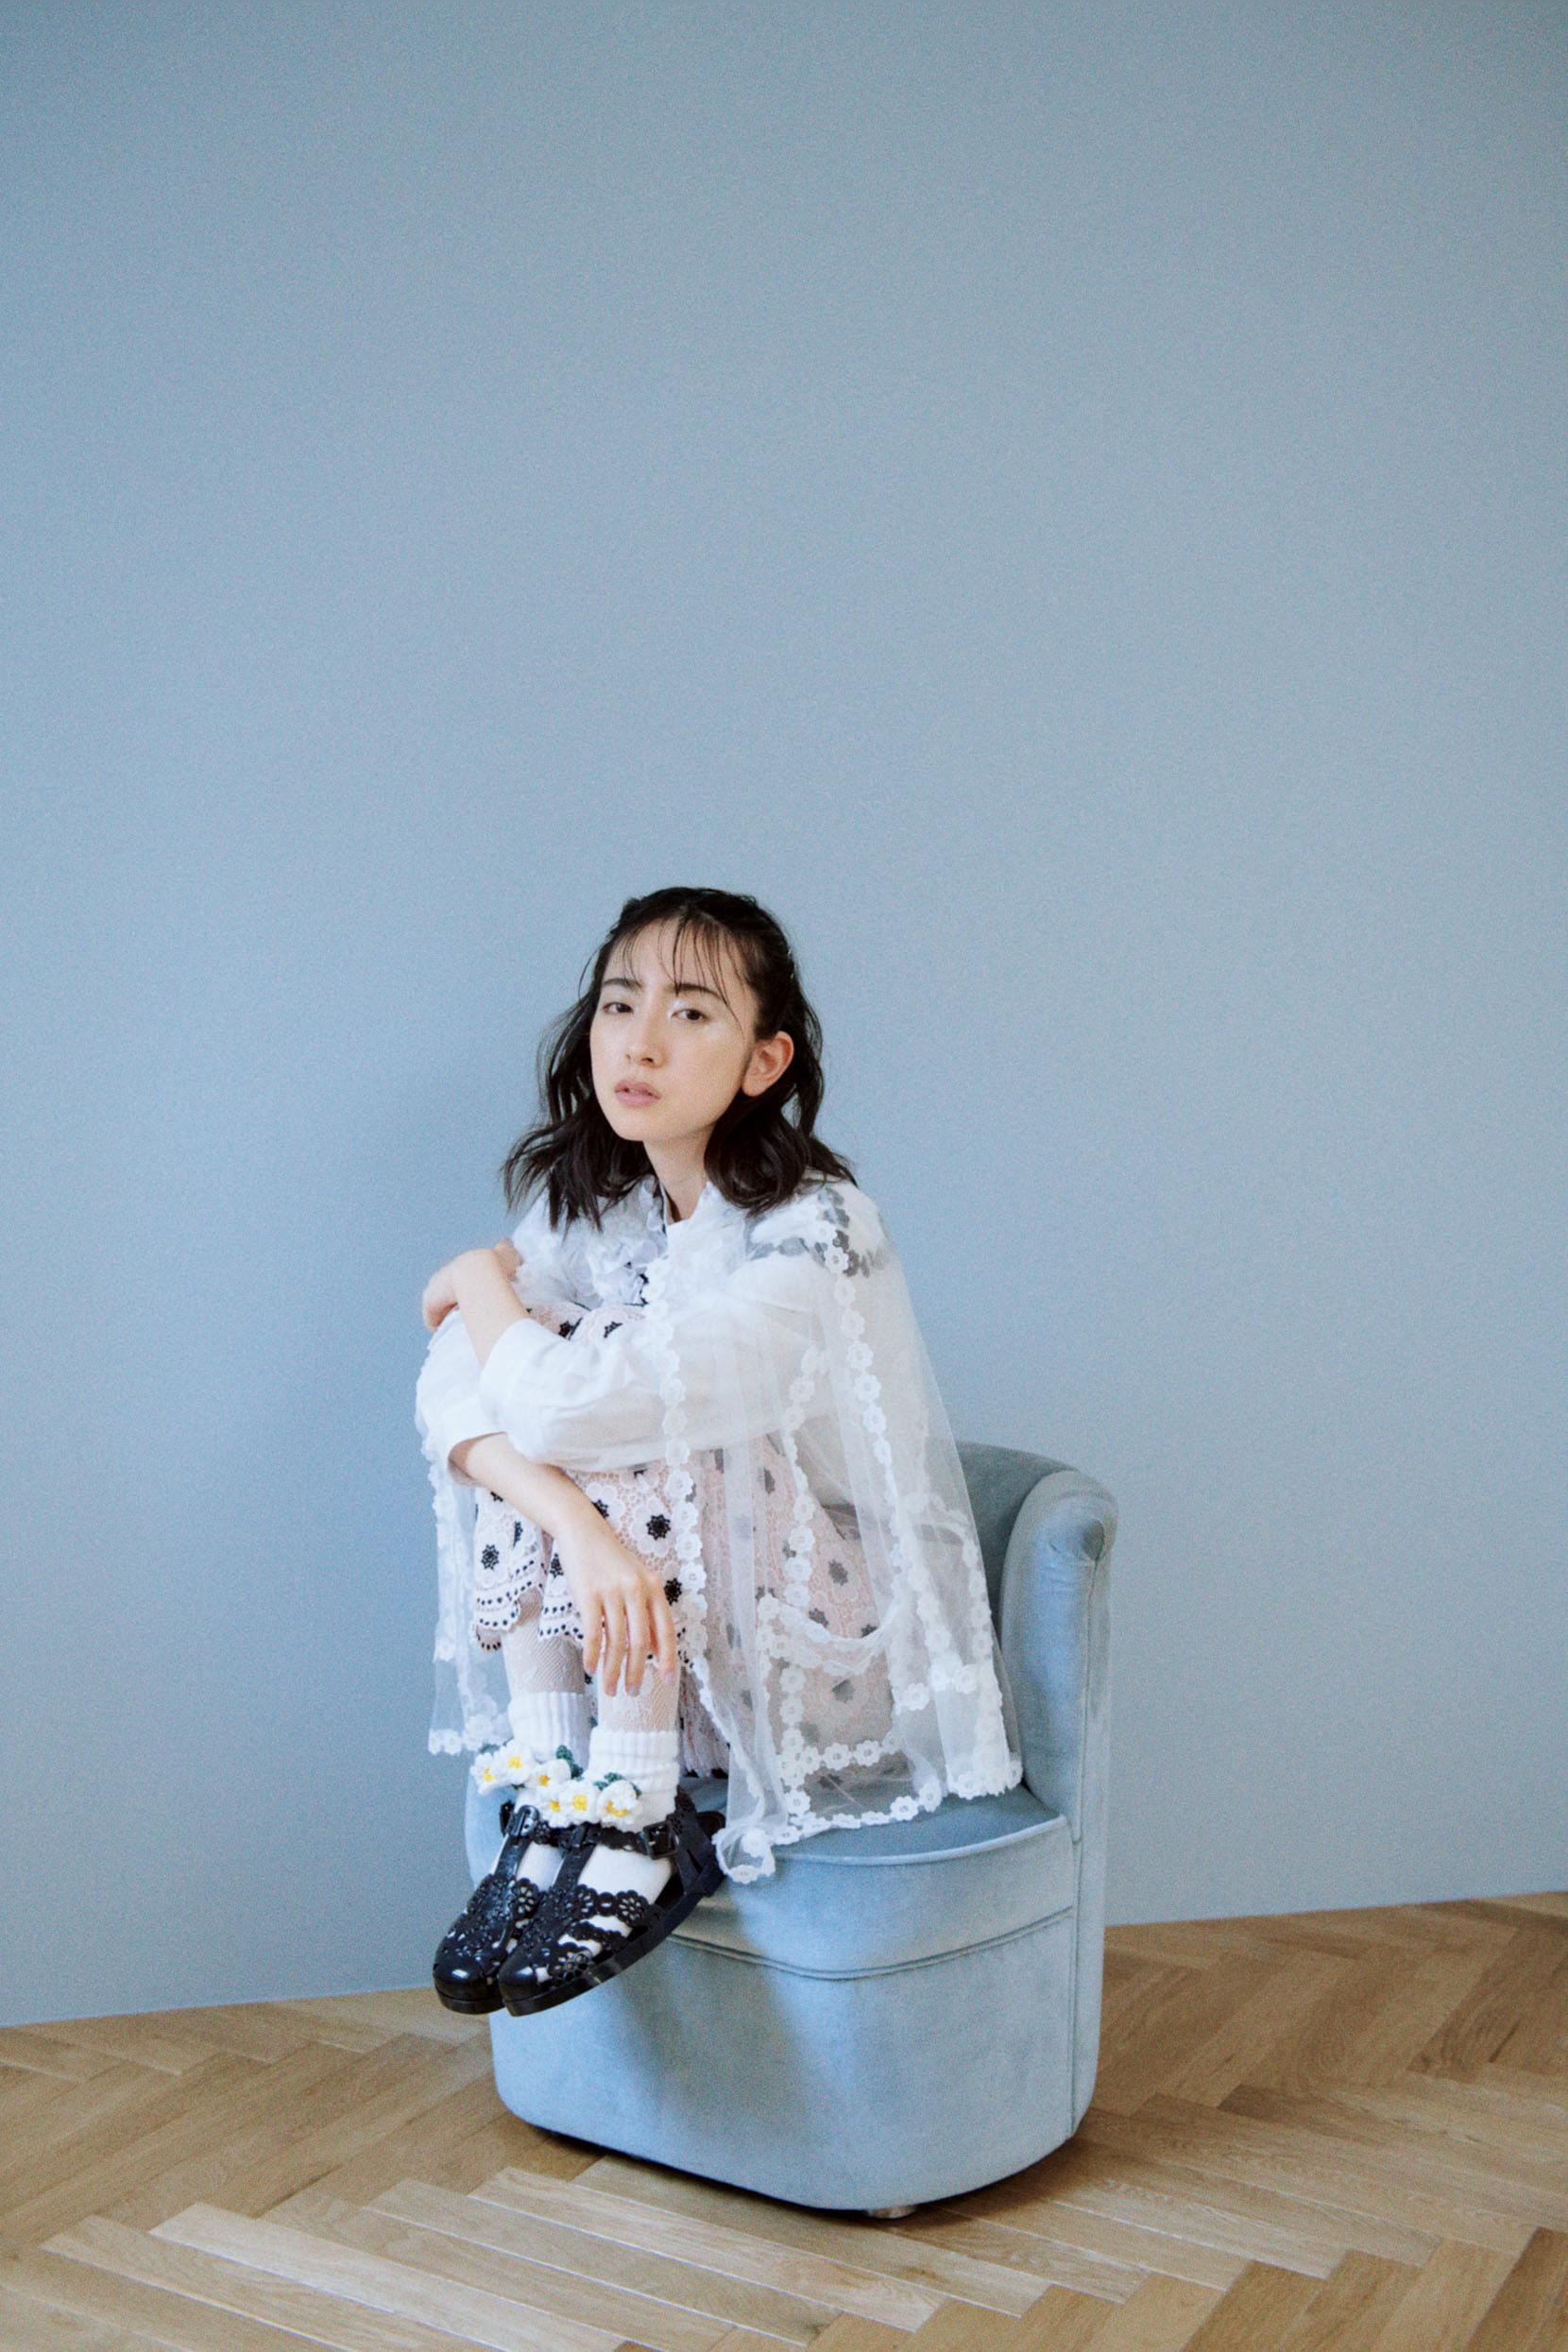 金村美玖(日向坂46)、女性ファッション誌『bis』